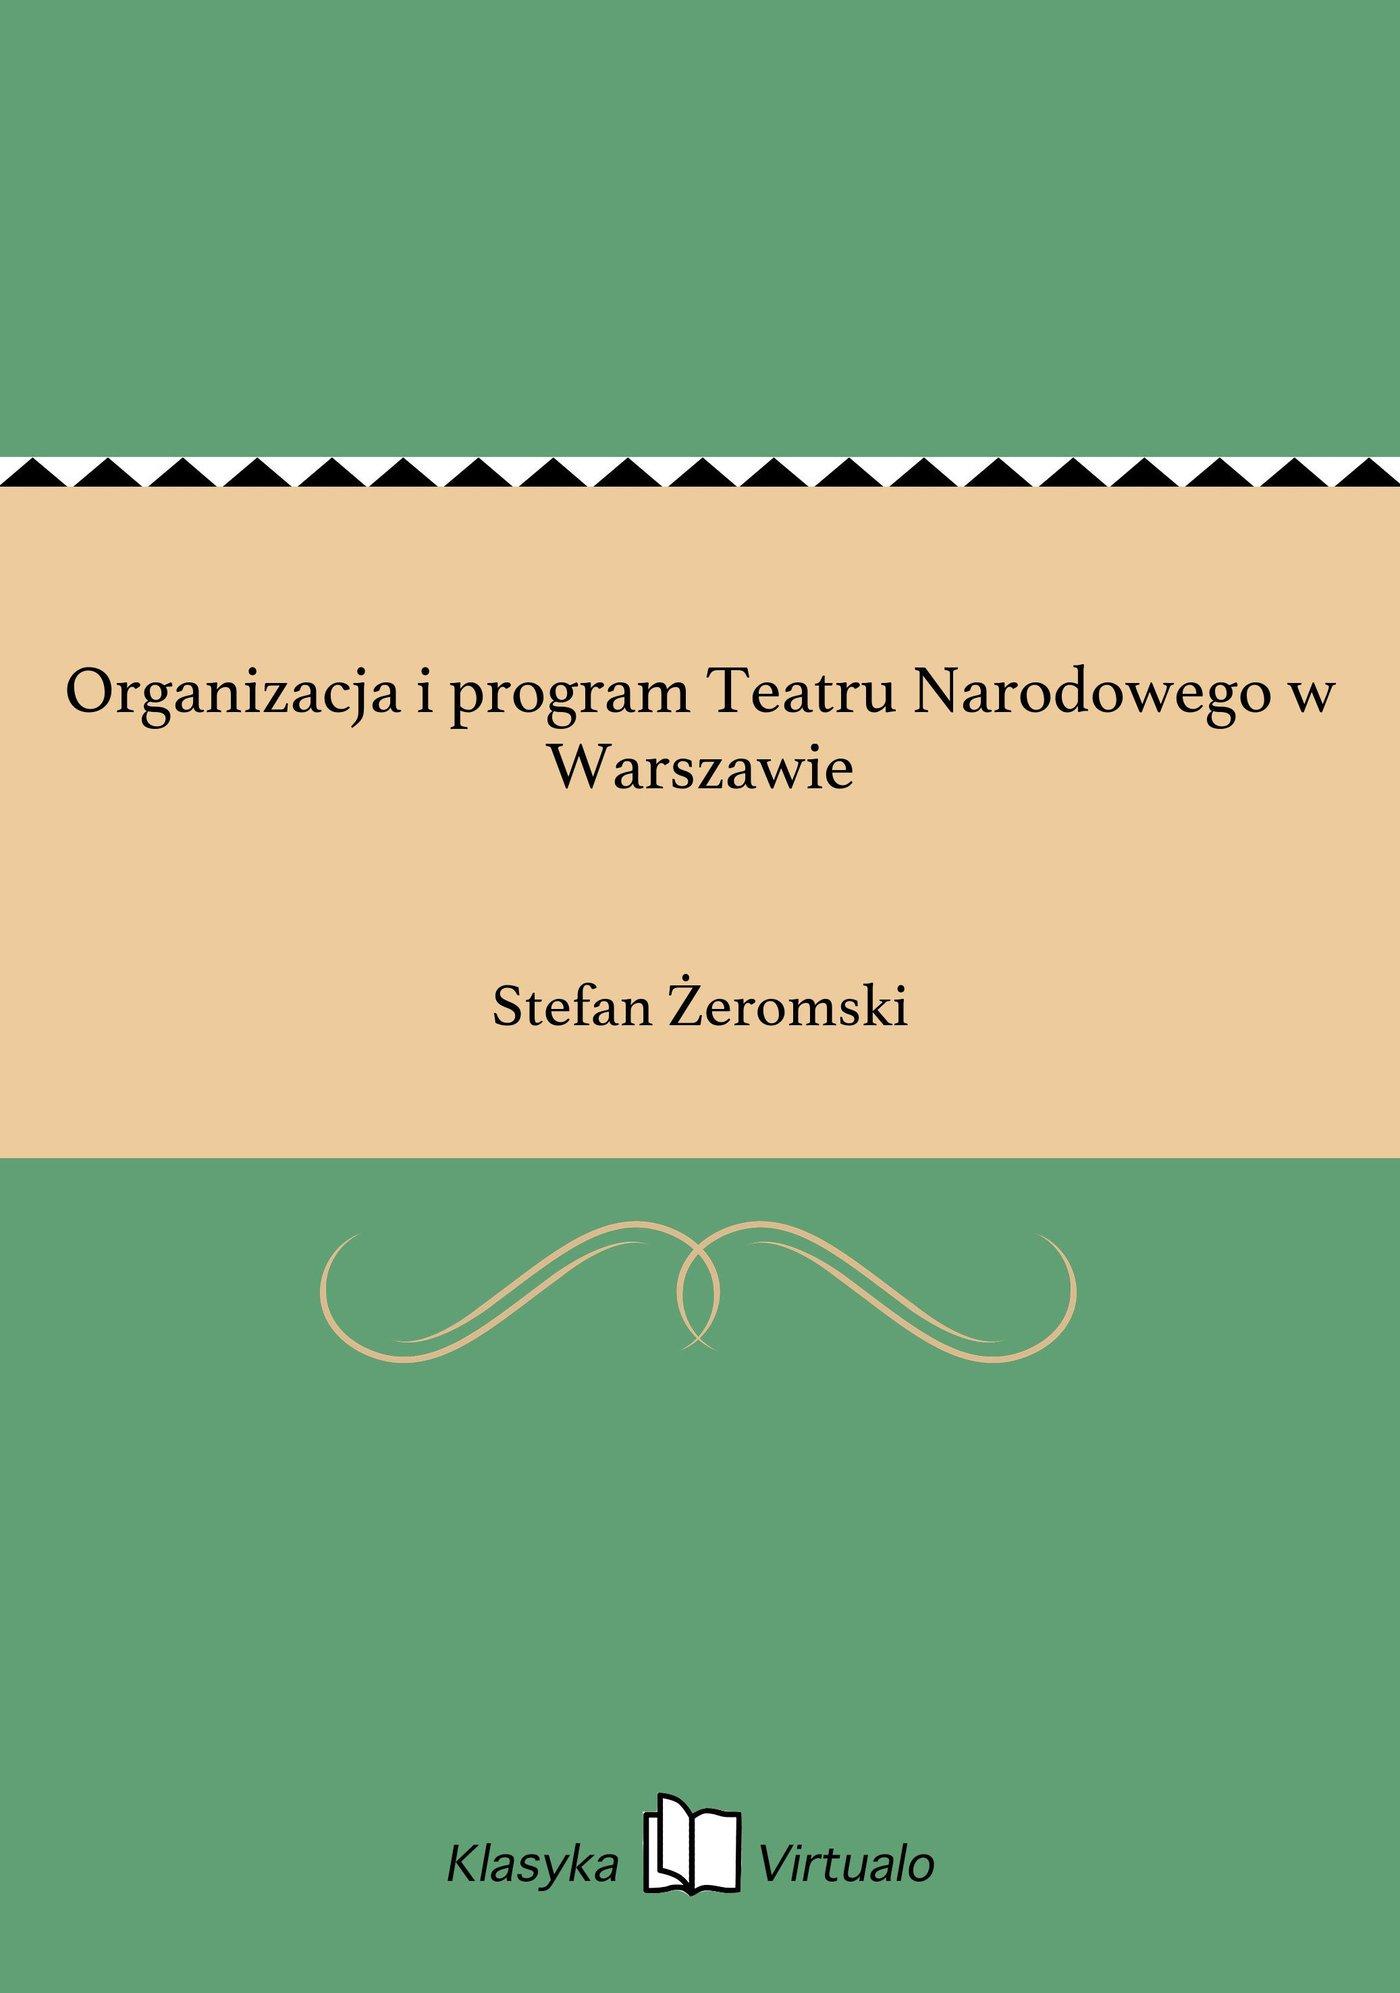 Organizacja i program Teatru Narodowego w Warszawie - Ebook (Książka EPUB) do pobrania w formacie EPUB